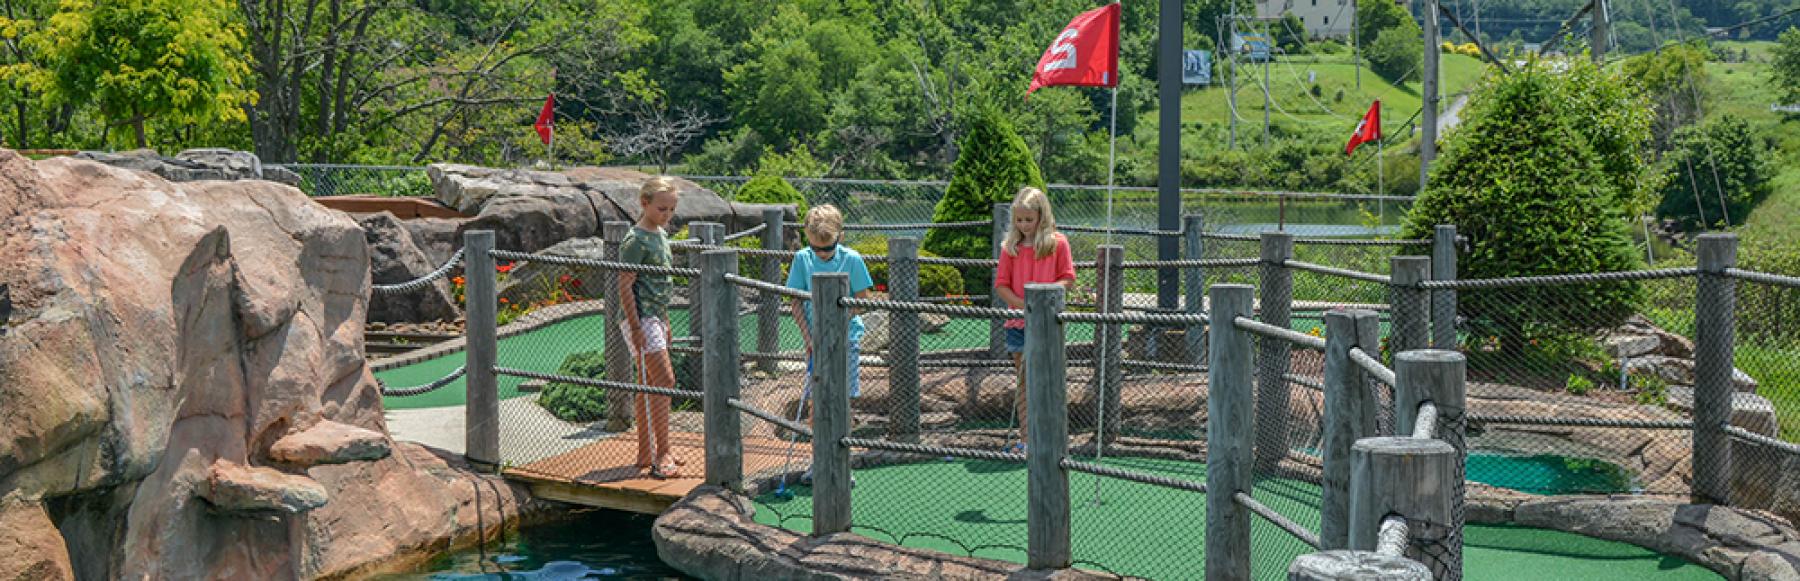 Mini Golf at Funland at Deep Creek Lake